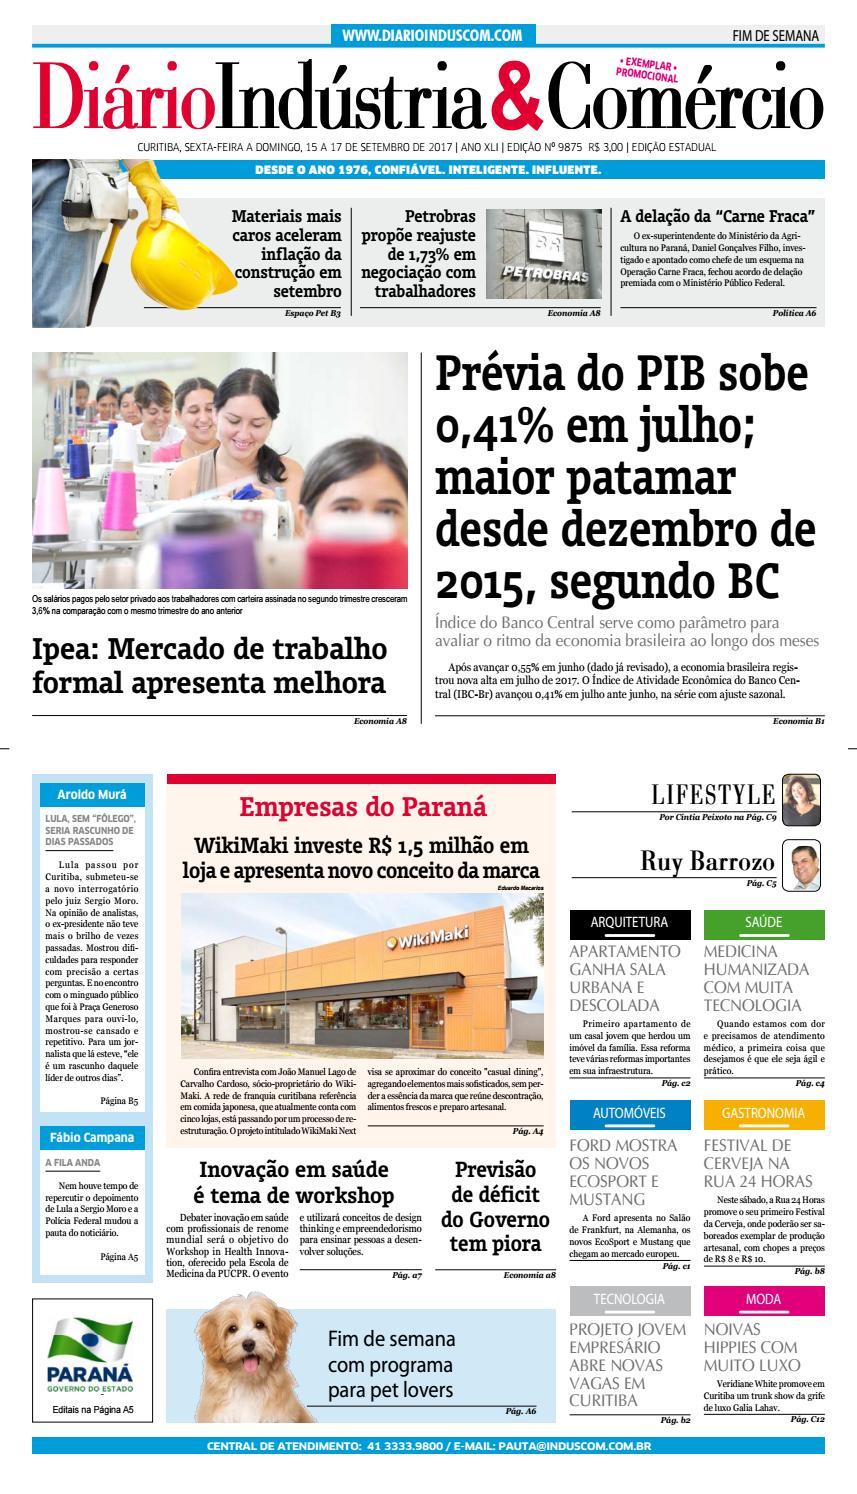 Diário Indústria Comércio - 15 de setembro de 2017 by Diário Indústria    Comércio - issuu fa7be34212299